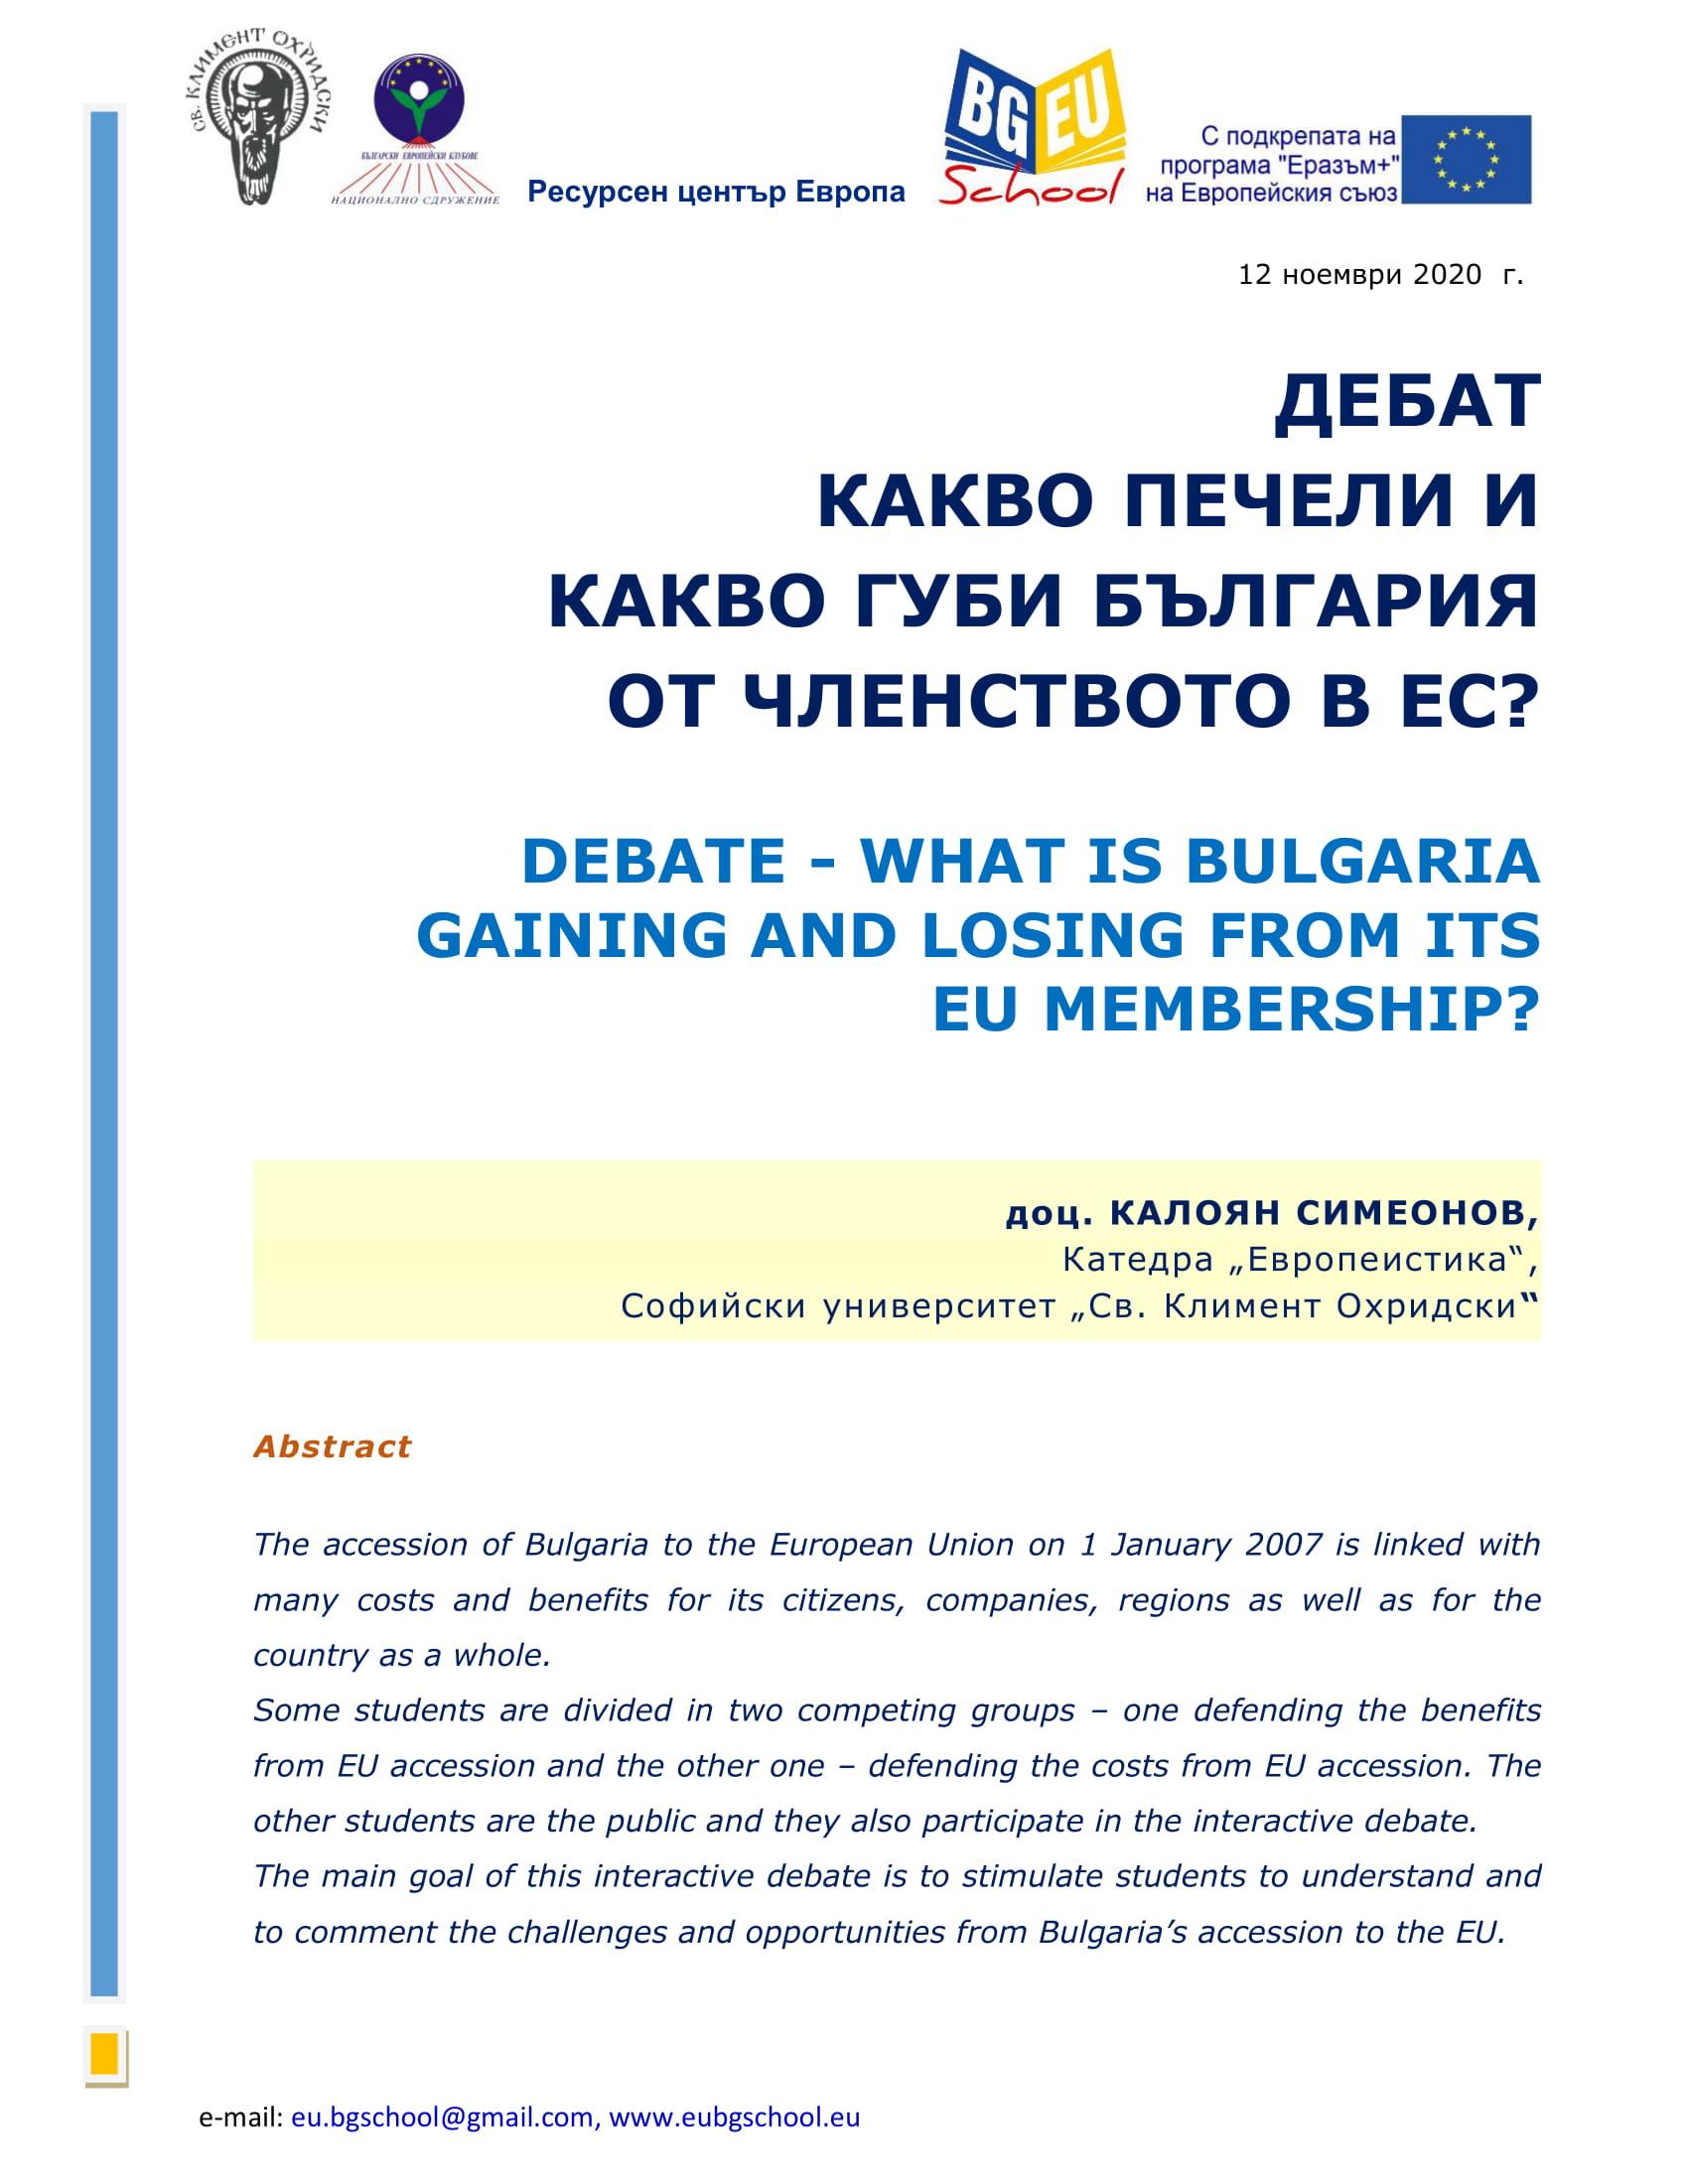 DEBATE - WHAT IS BULGARIA GAINING AND LOSING FROM ITS EU MEMBERSHIP?